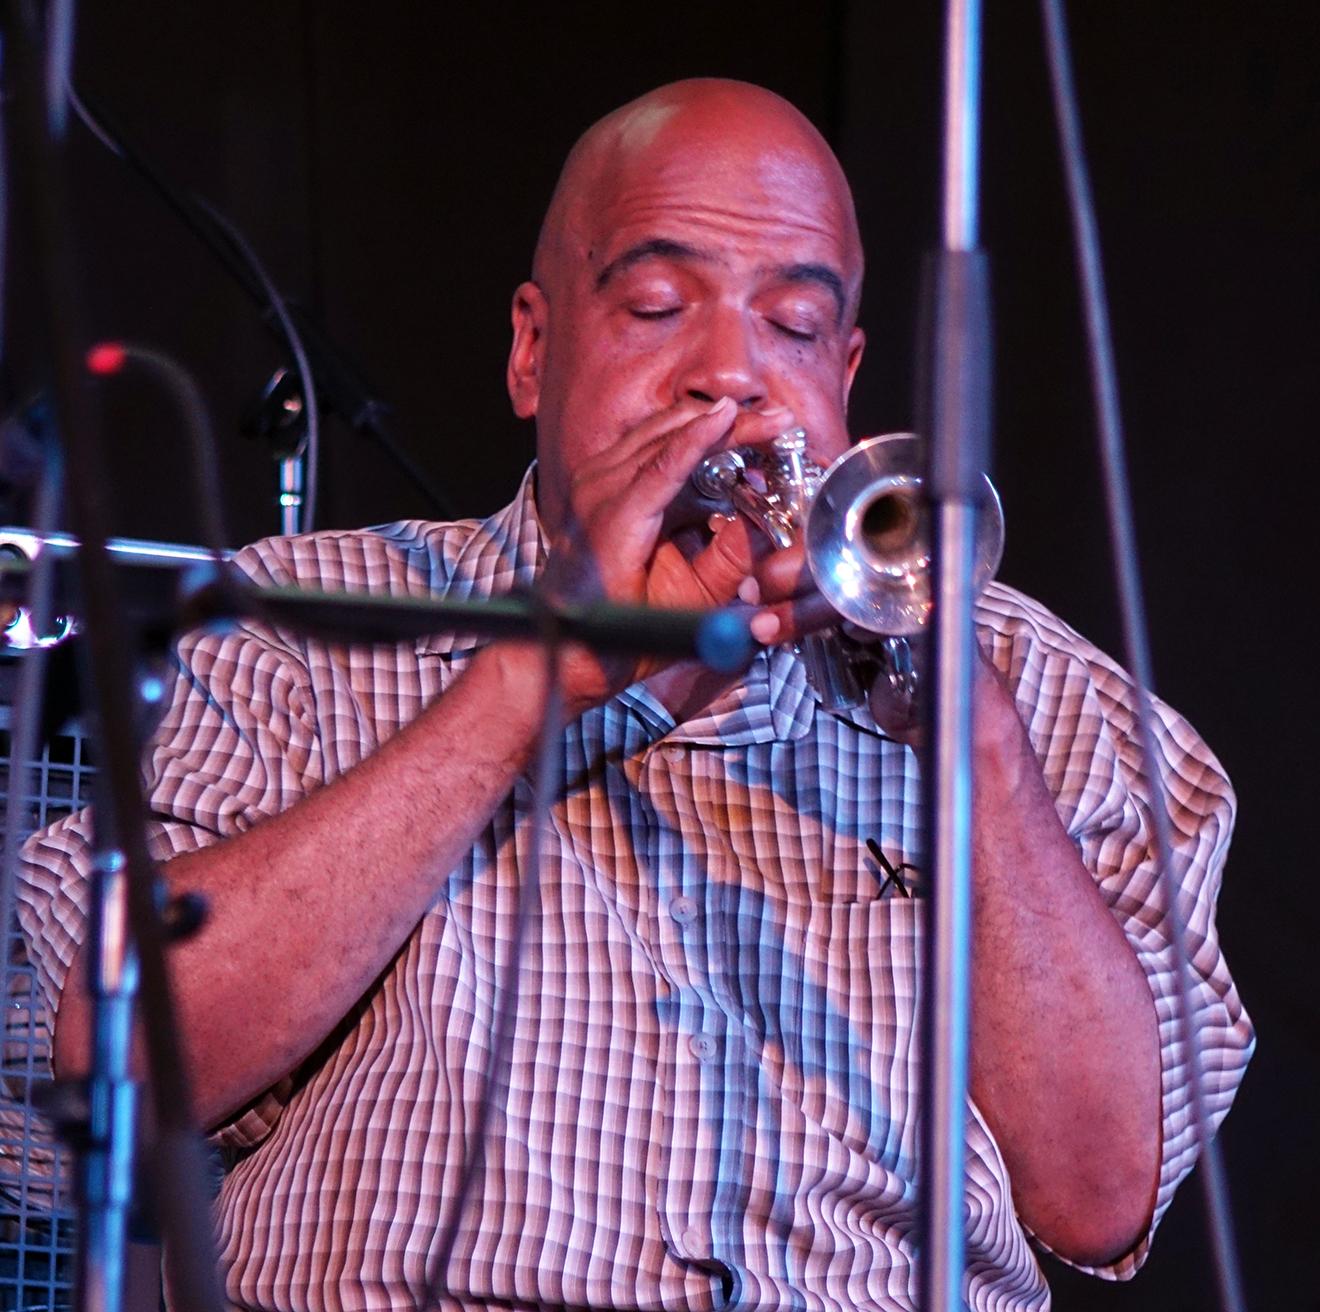 Hugh Ragin at Vision Festival 20